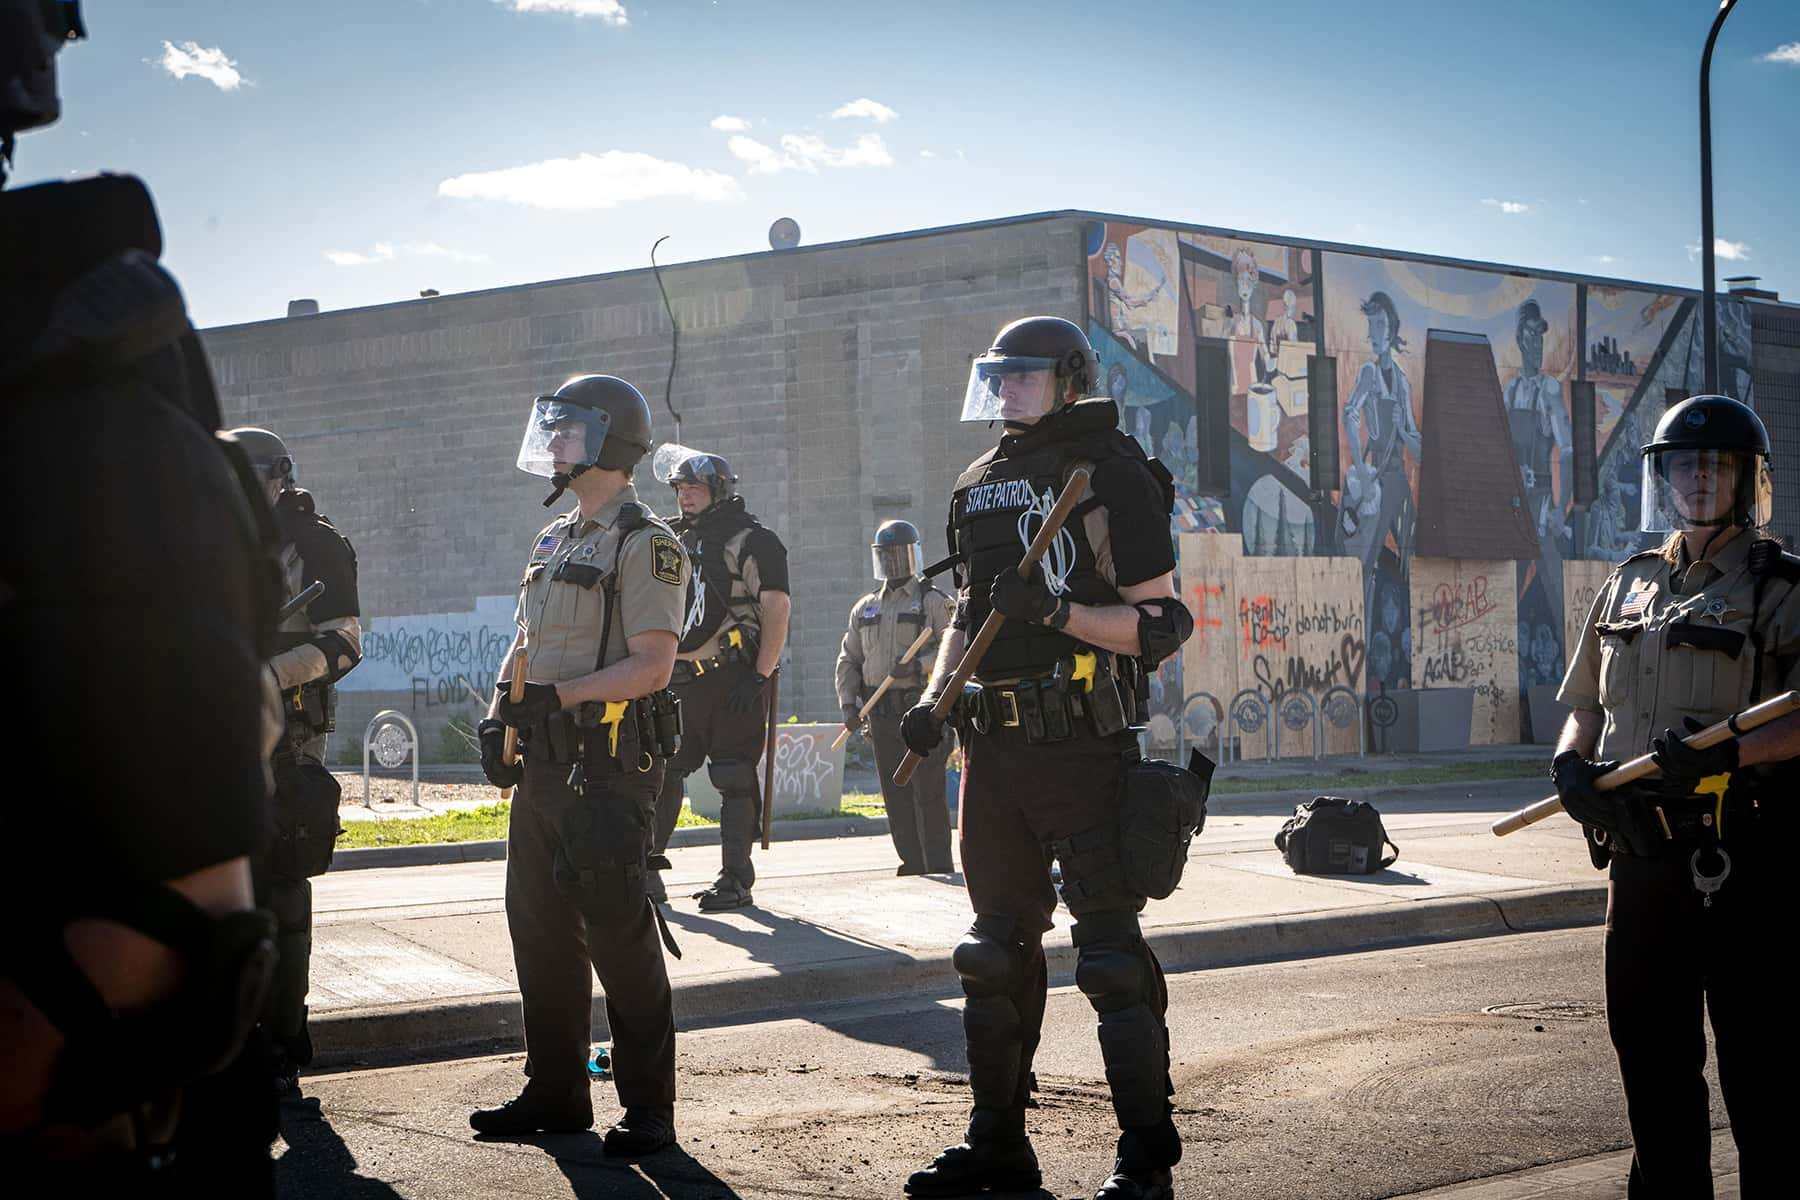 070720_militarizedpolice2